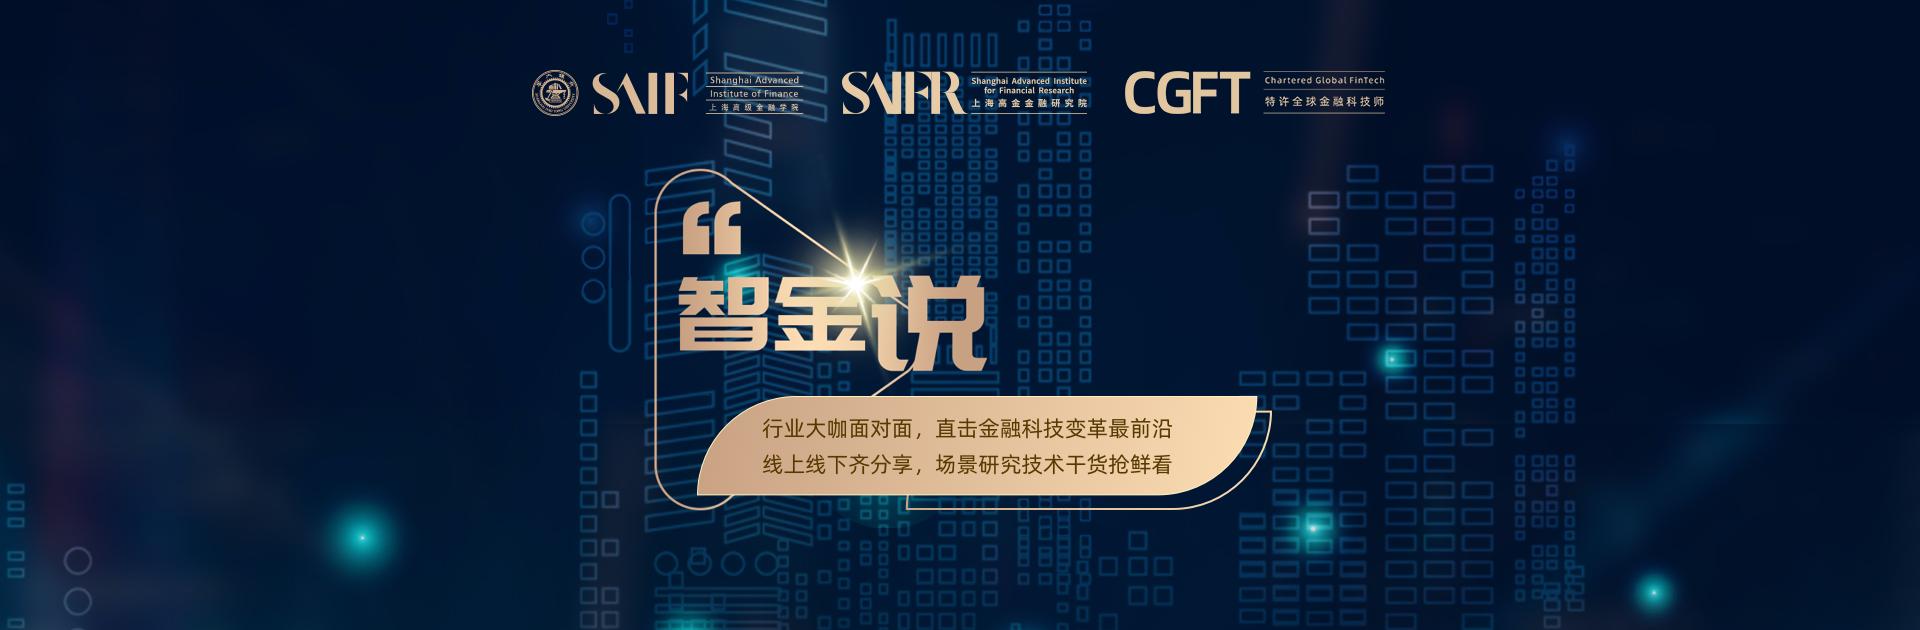 特许全球金融科技师,CGFT,金融科技,智金说